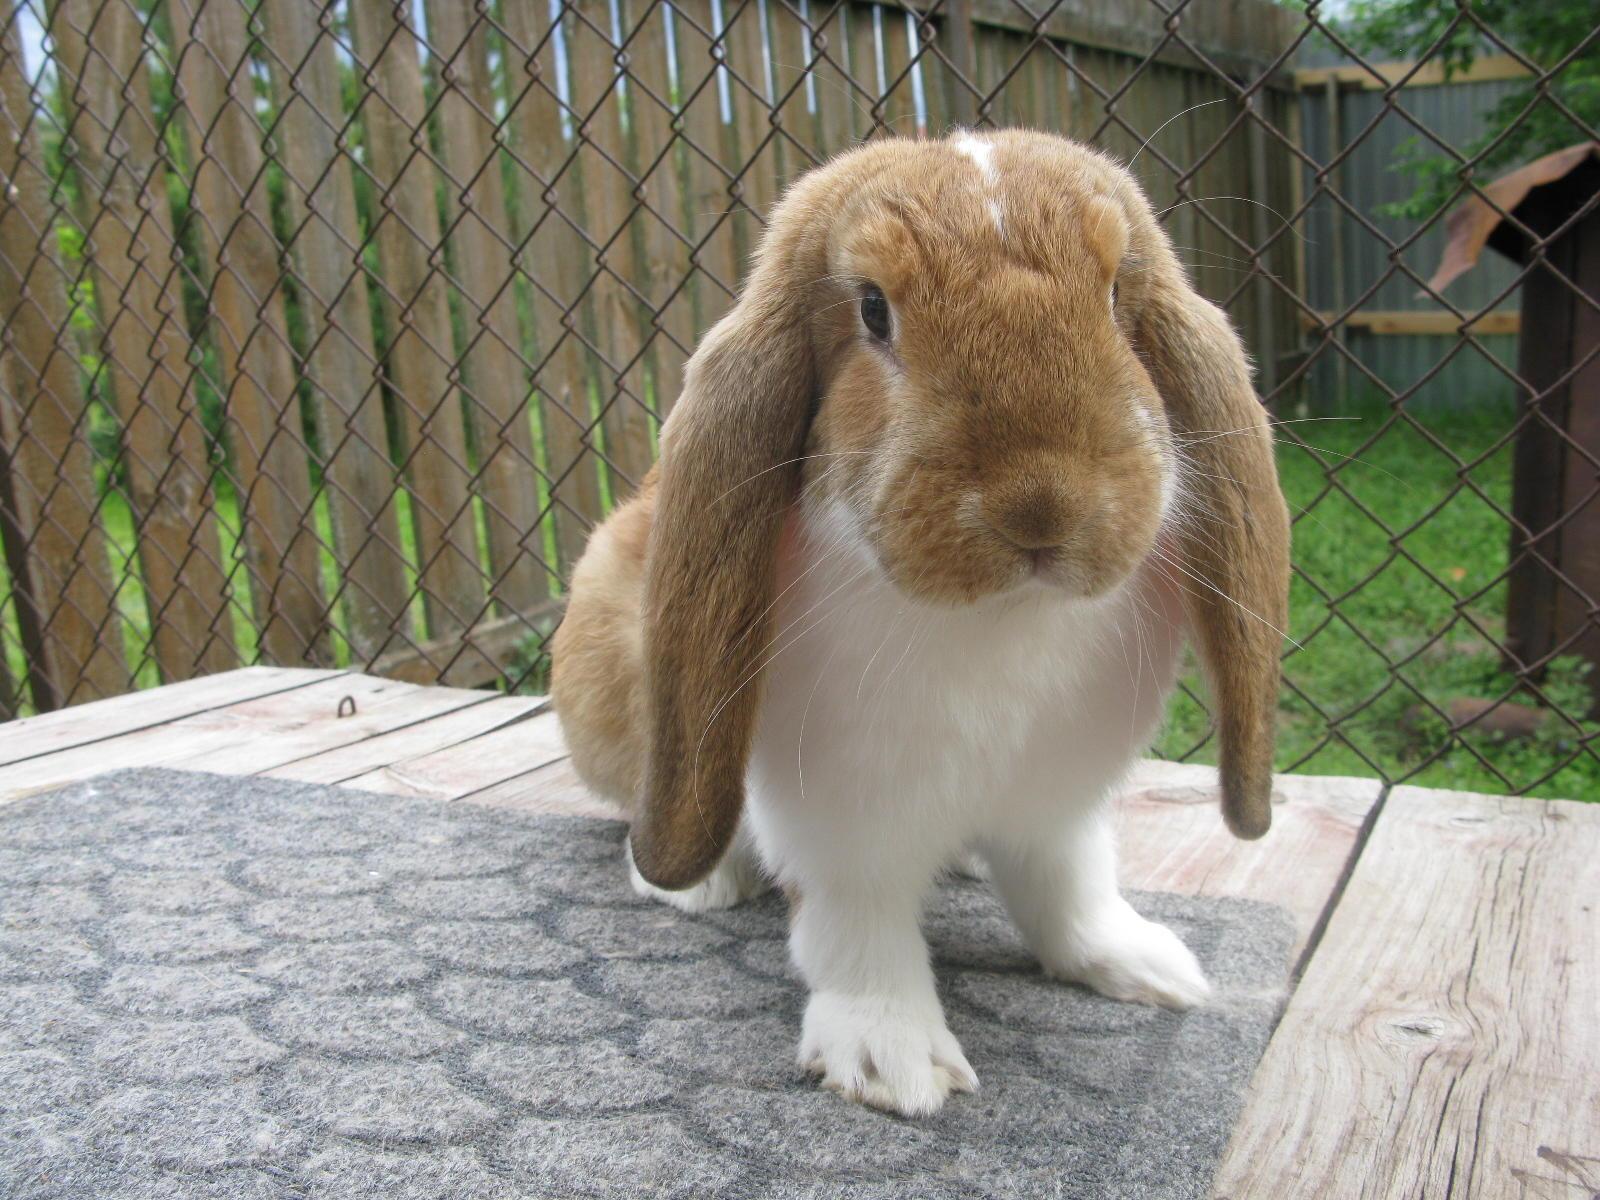 Картинки кроликов с породой